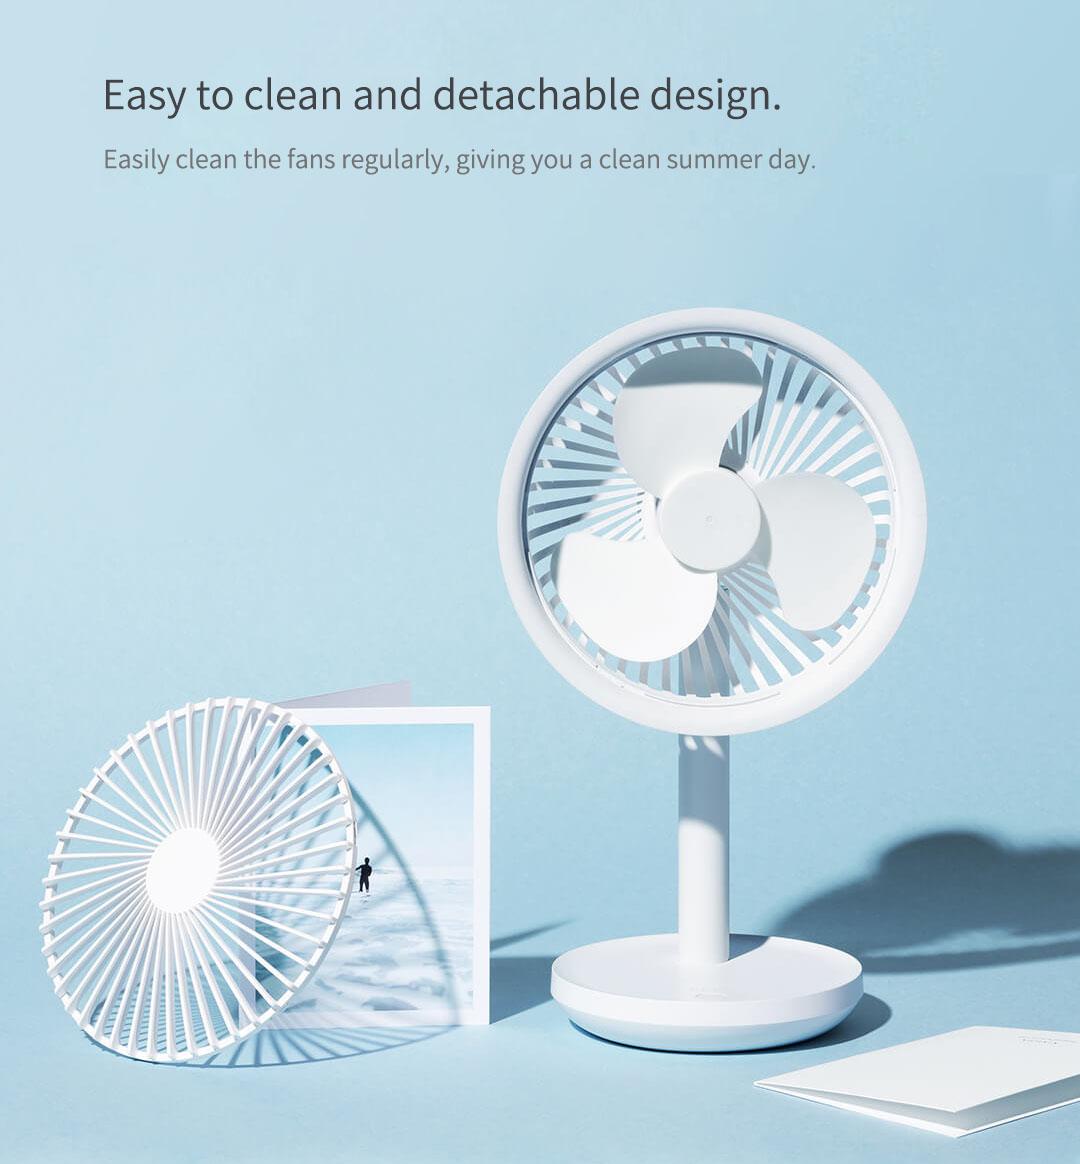 Xiaomi Solove F5 Desktop Fan 4000mAh Battery Capacity USB Charging Low Noise from Xiaomi Youpin - White